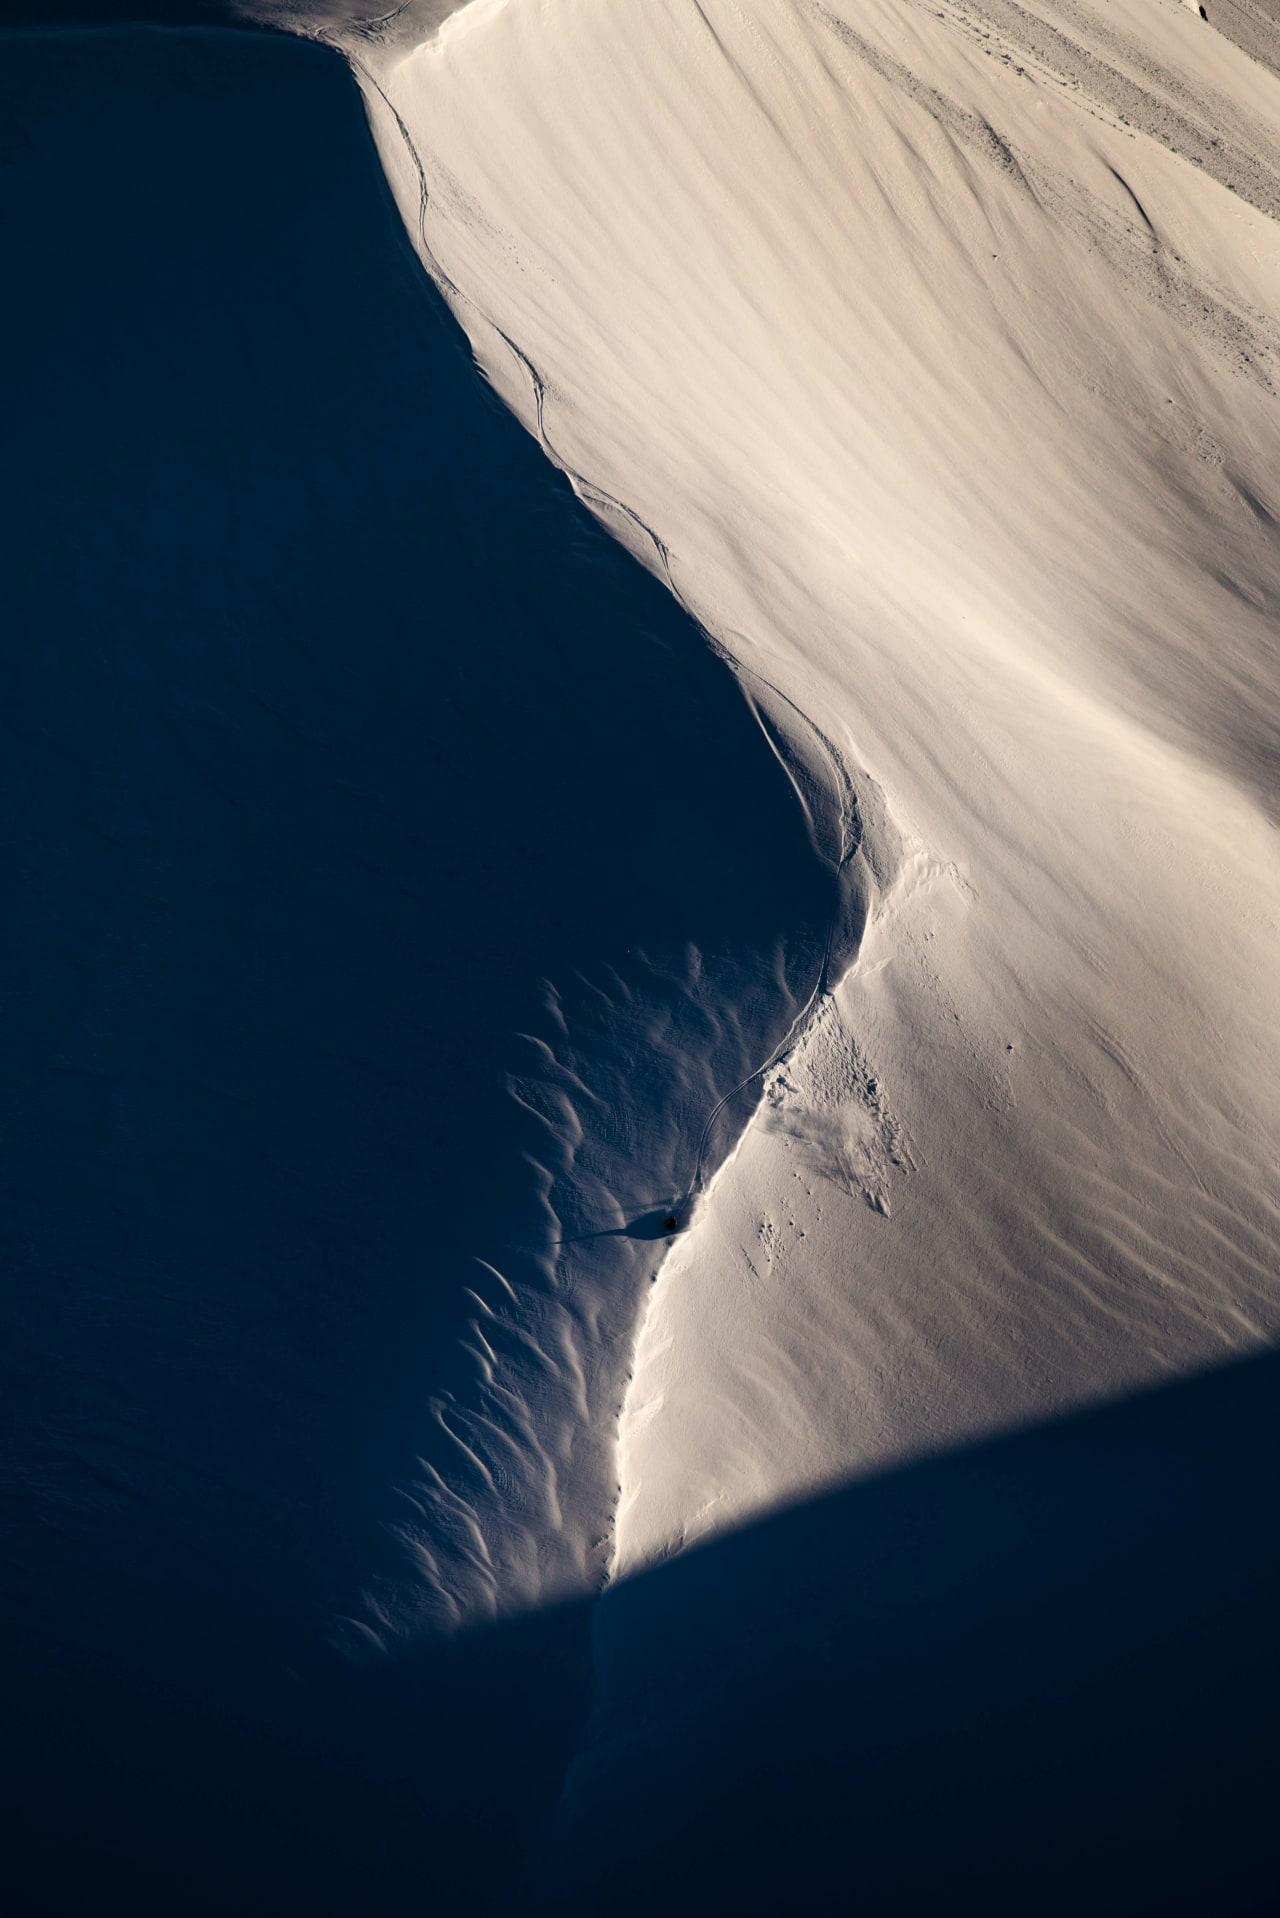 SKJULT FRA SKI-SENTERET: Toppene og terrenget som er planlagt for catskiing ligger nær skiheisene i Harpefossen, men med fjell mellom. Deilig skiterreng er det overalt, som her, på øst flanken av Storegga. Martin leite Gilleshammer utnytter dagens siste solstråler. Foto: Martin Innerdal Dalen